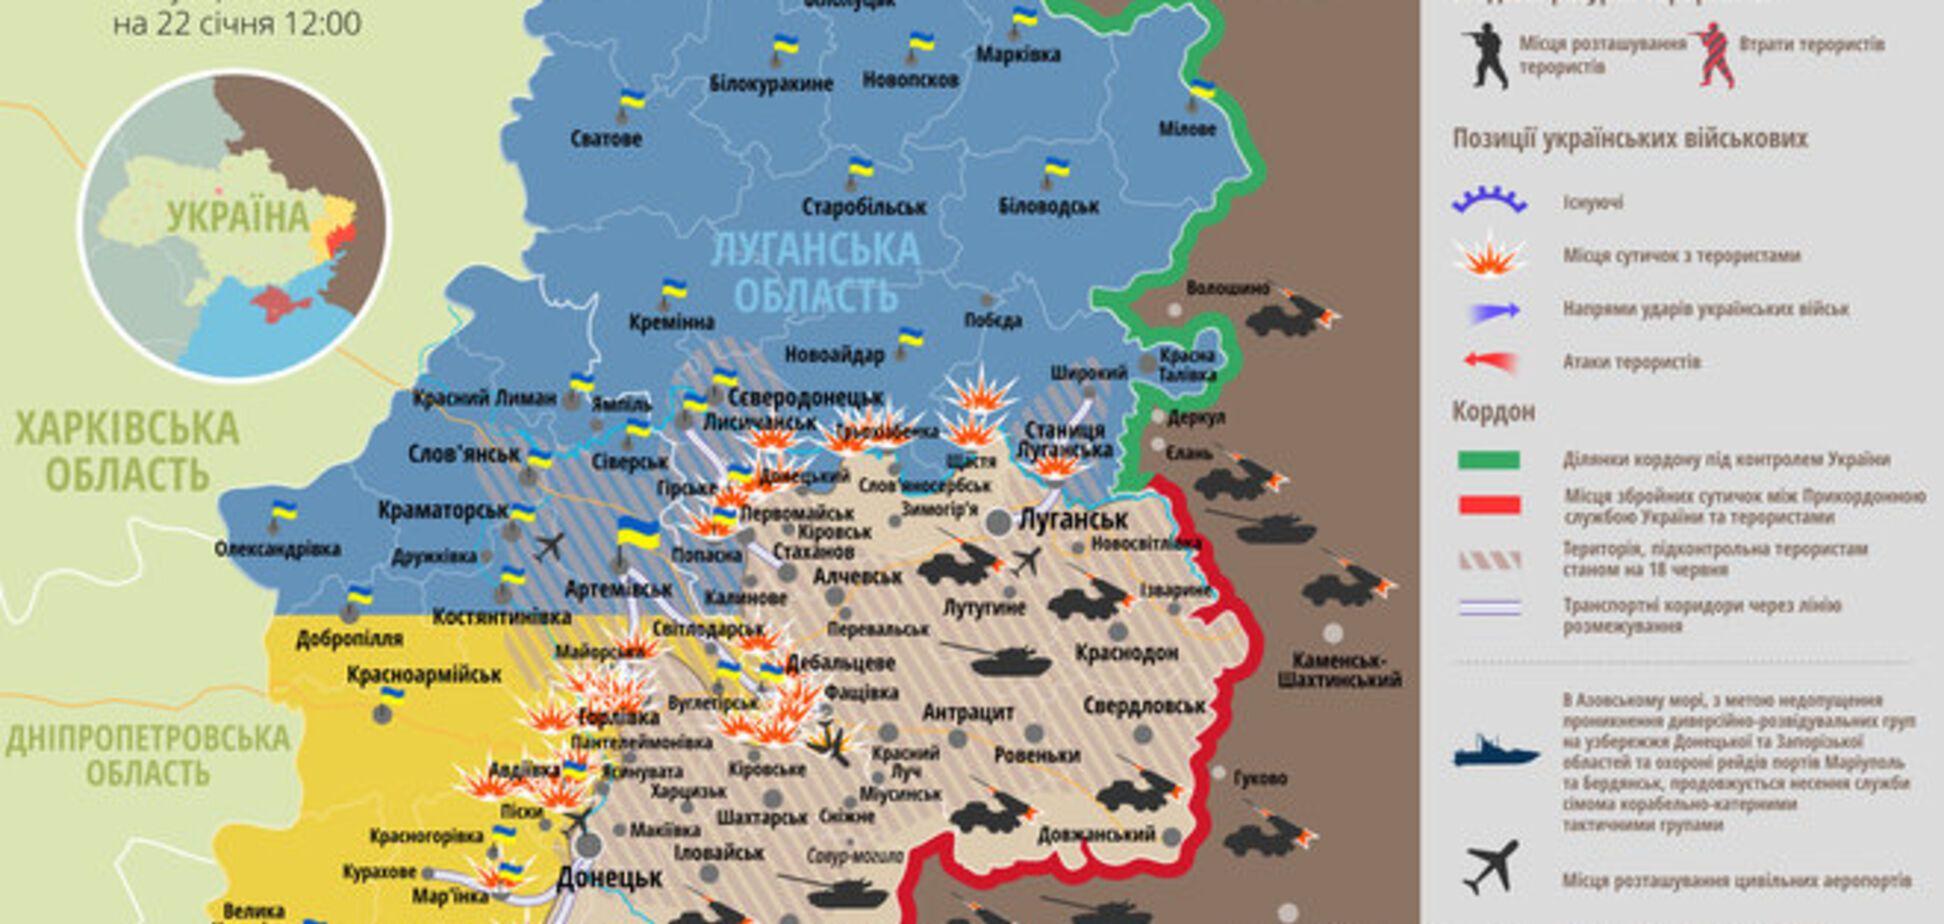 Террористы при помощи России наращивают силы: карта АТО